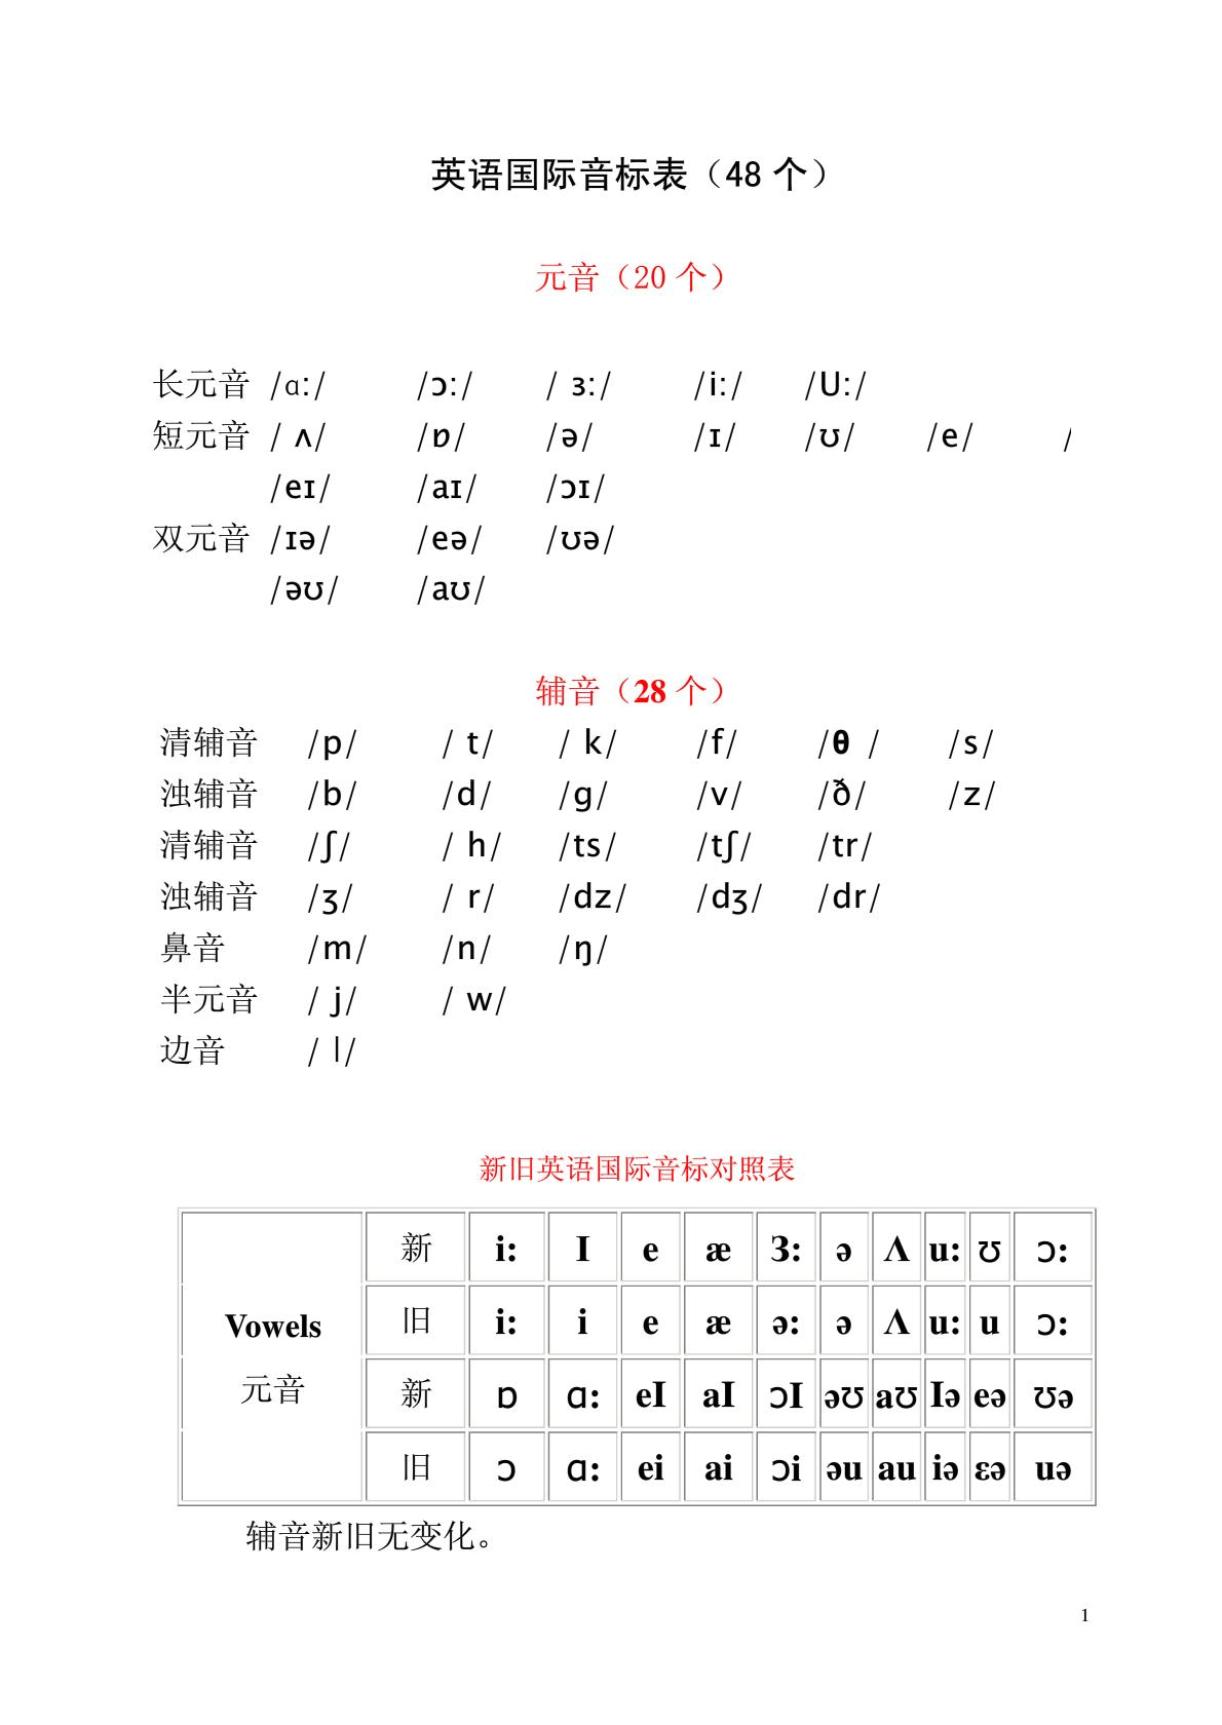 标准韩语字母发音表_英语音标发音表字母-英语音标发音字母